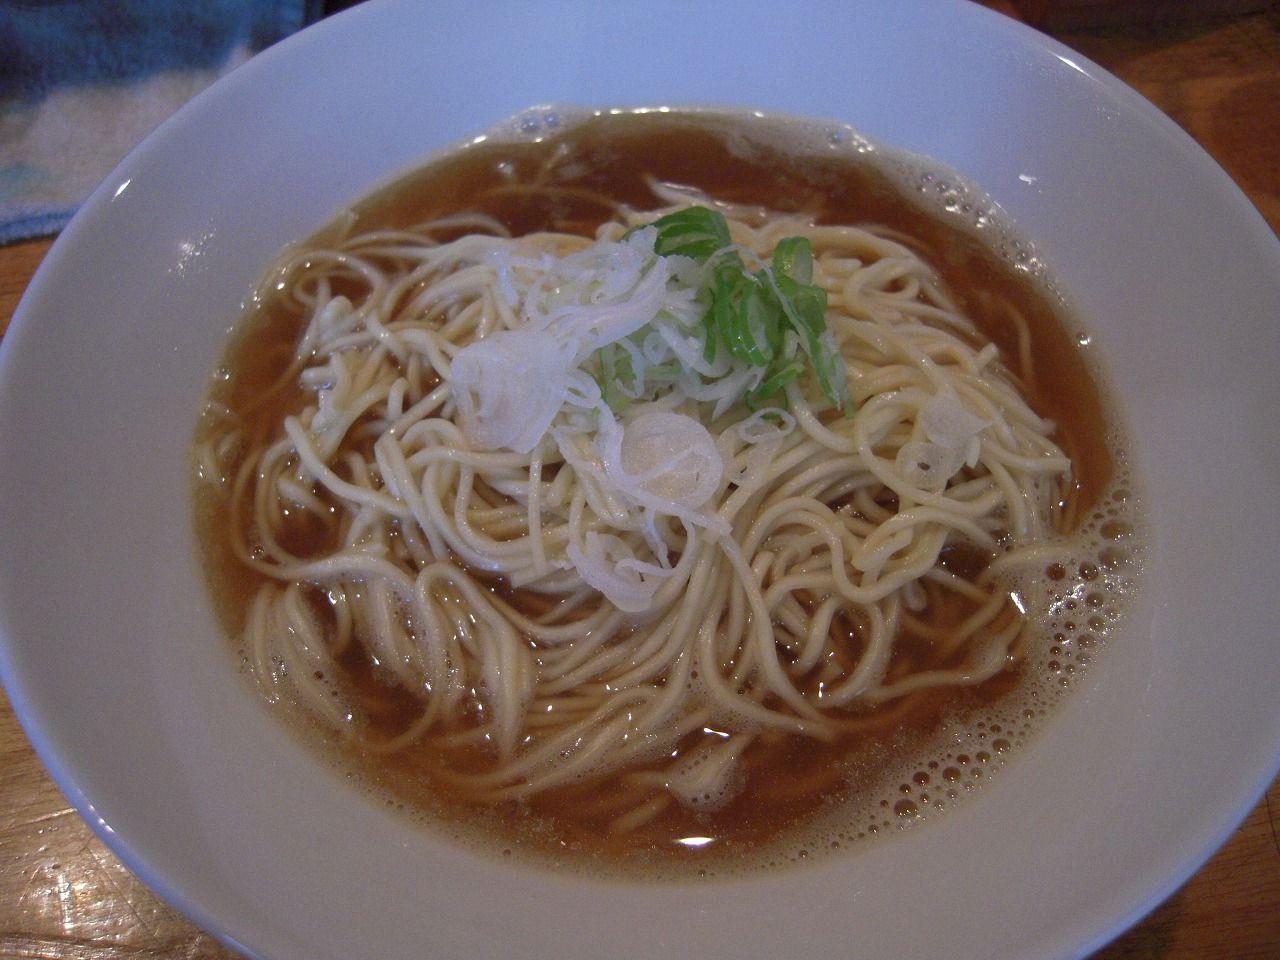 自家製麺 伊藤 3